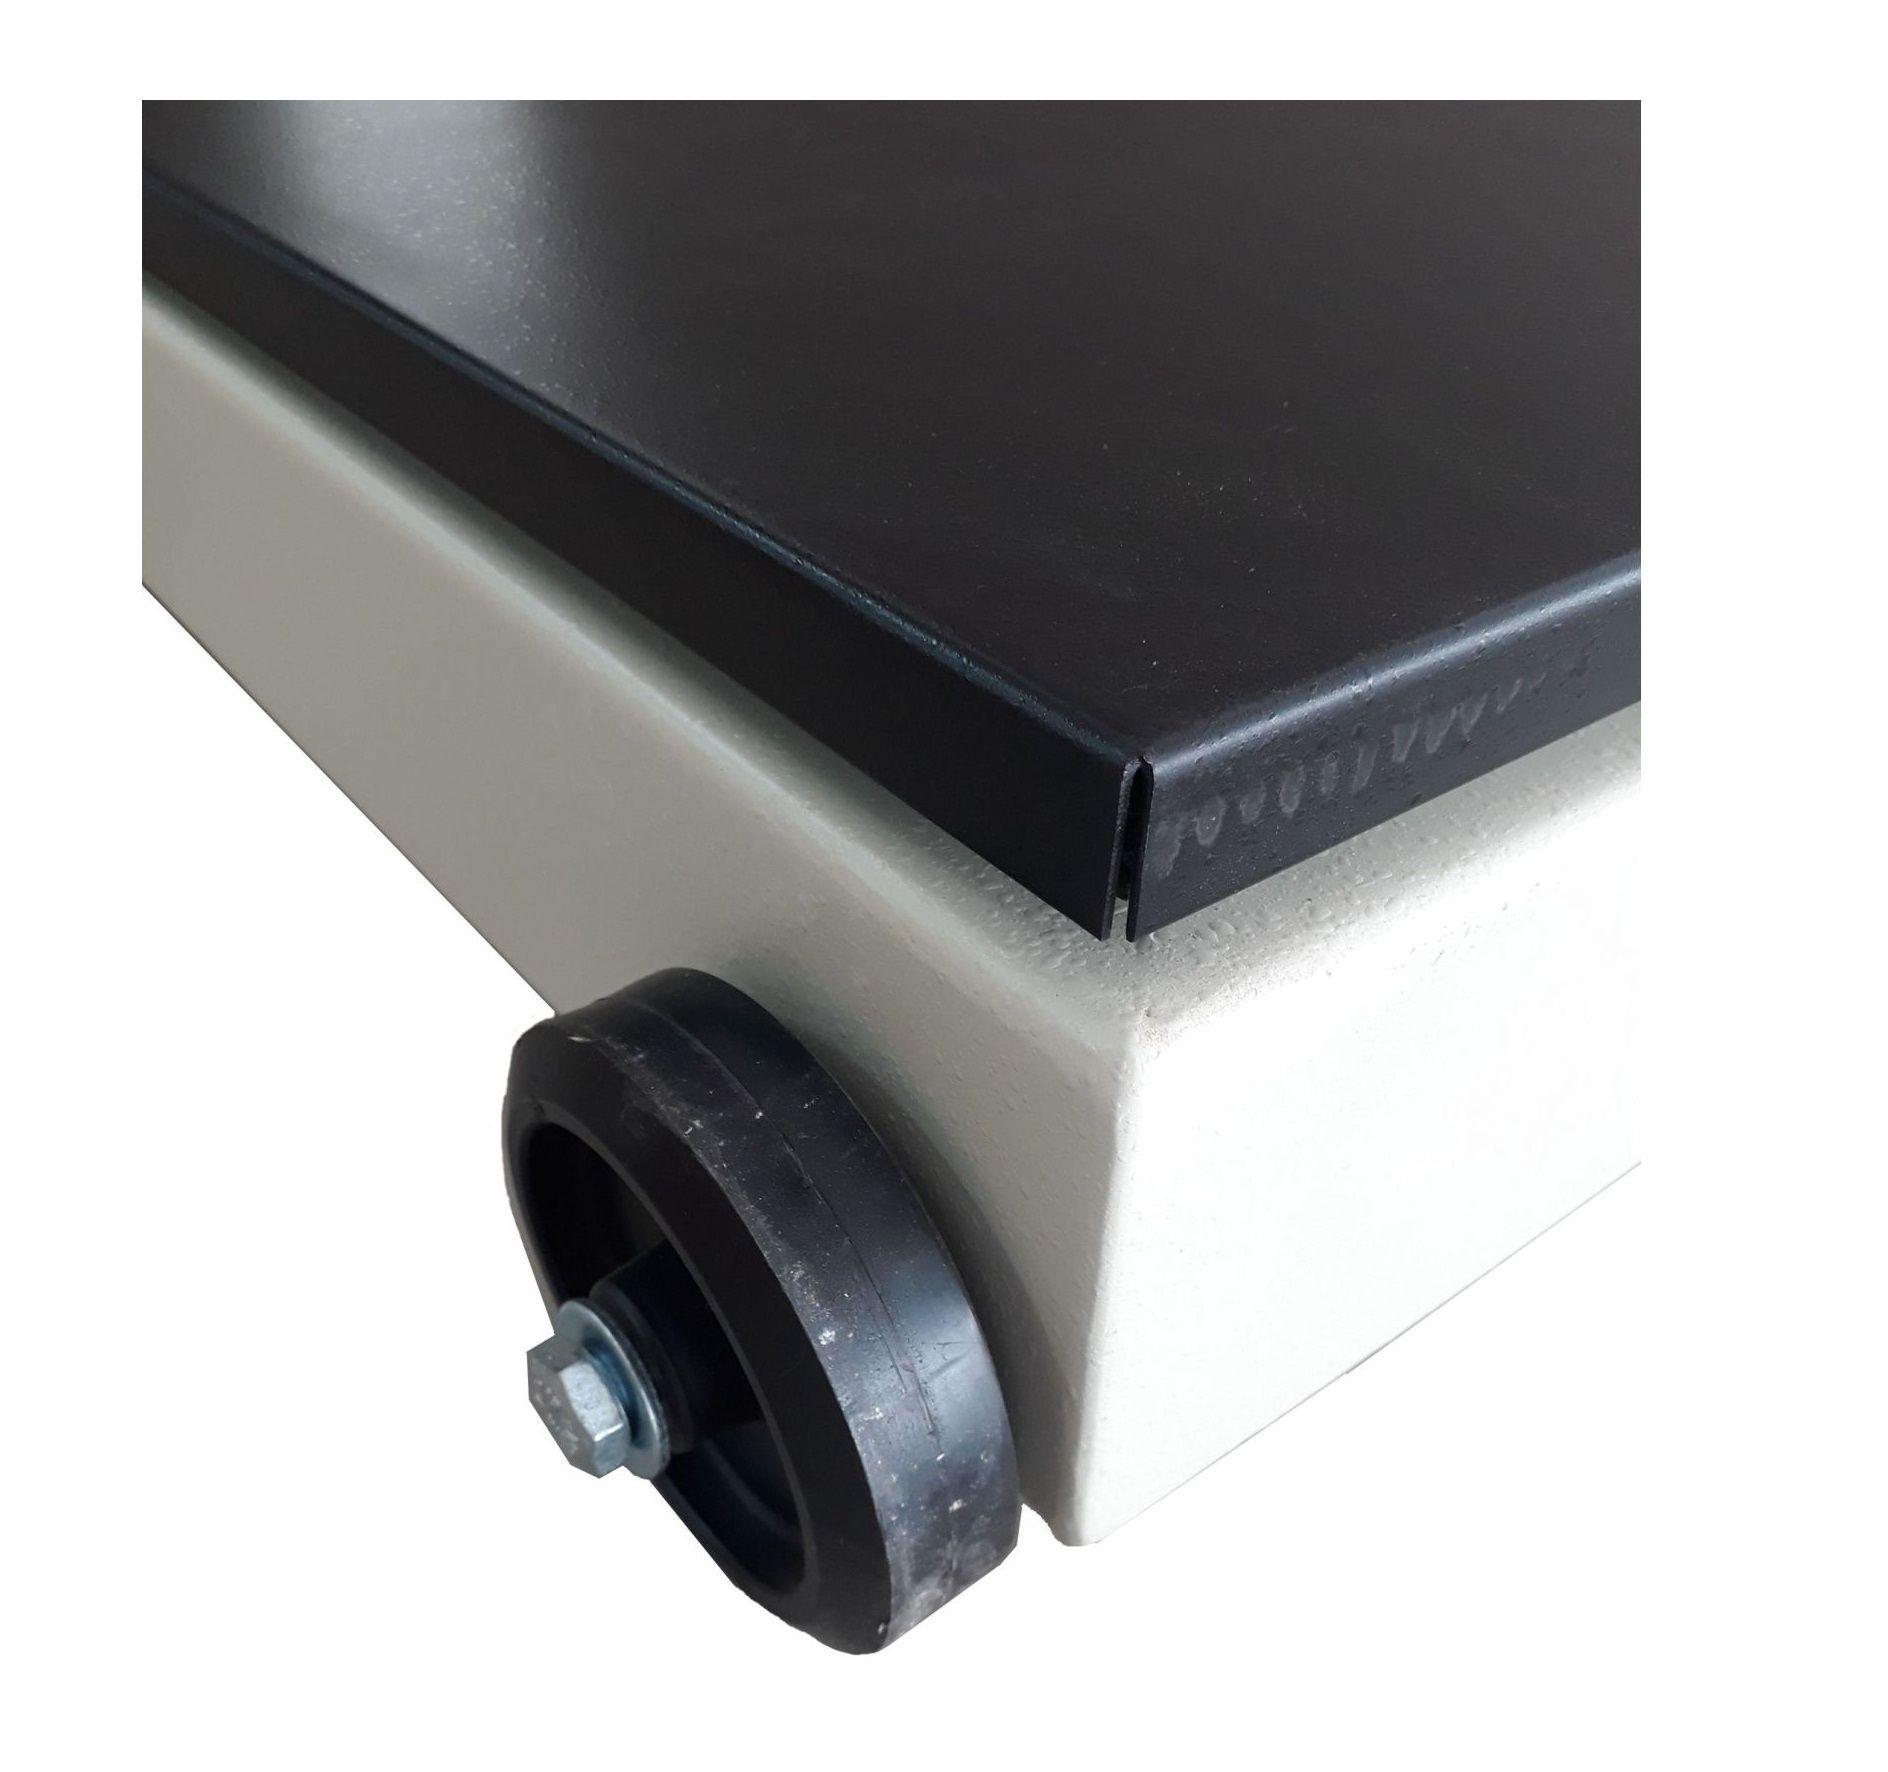 Balança eletrônica portátil pesadora, contadora e comprovadora modelo 2124 - 9098 C - 500 kg